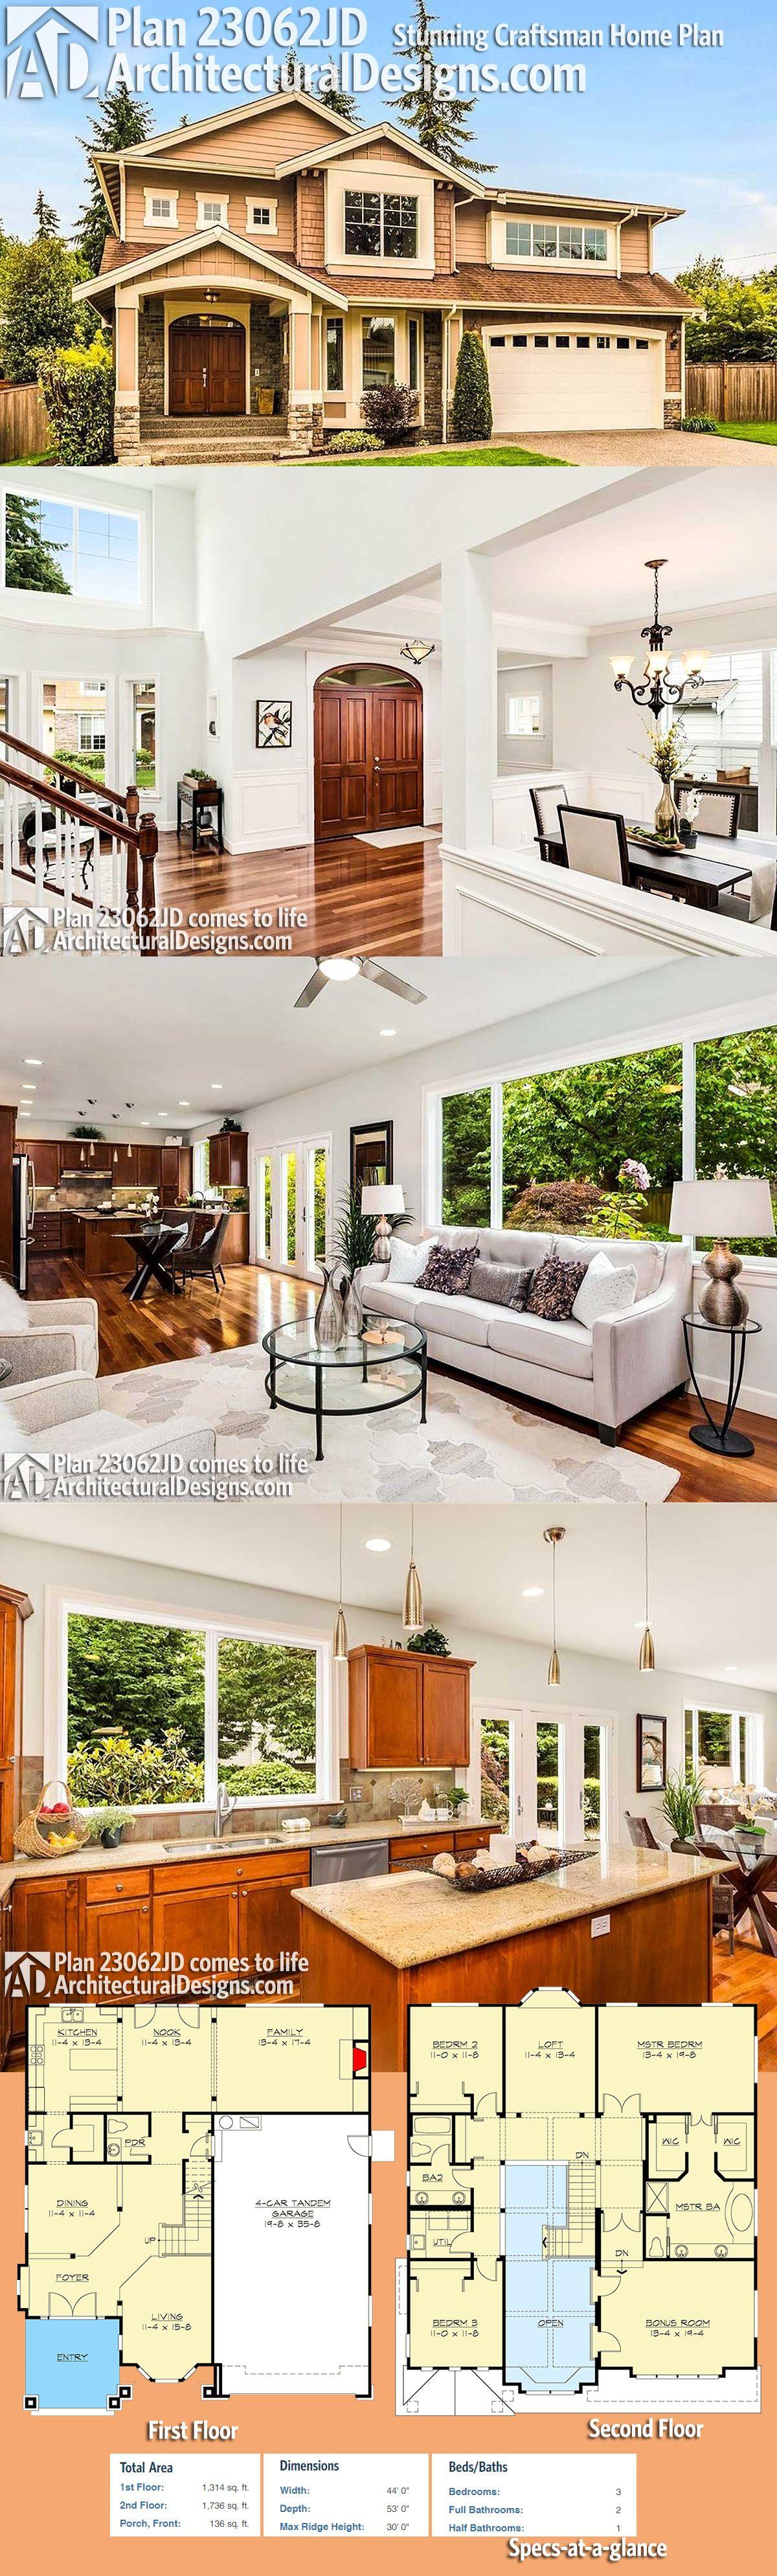 Plan 23062JD Stunning Craftsman Home Plan